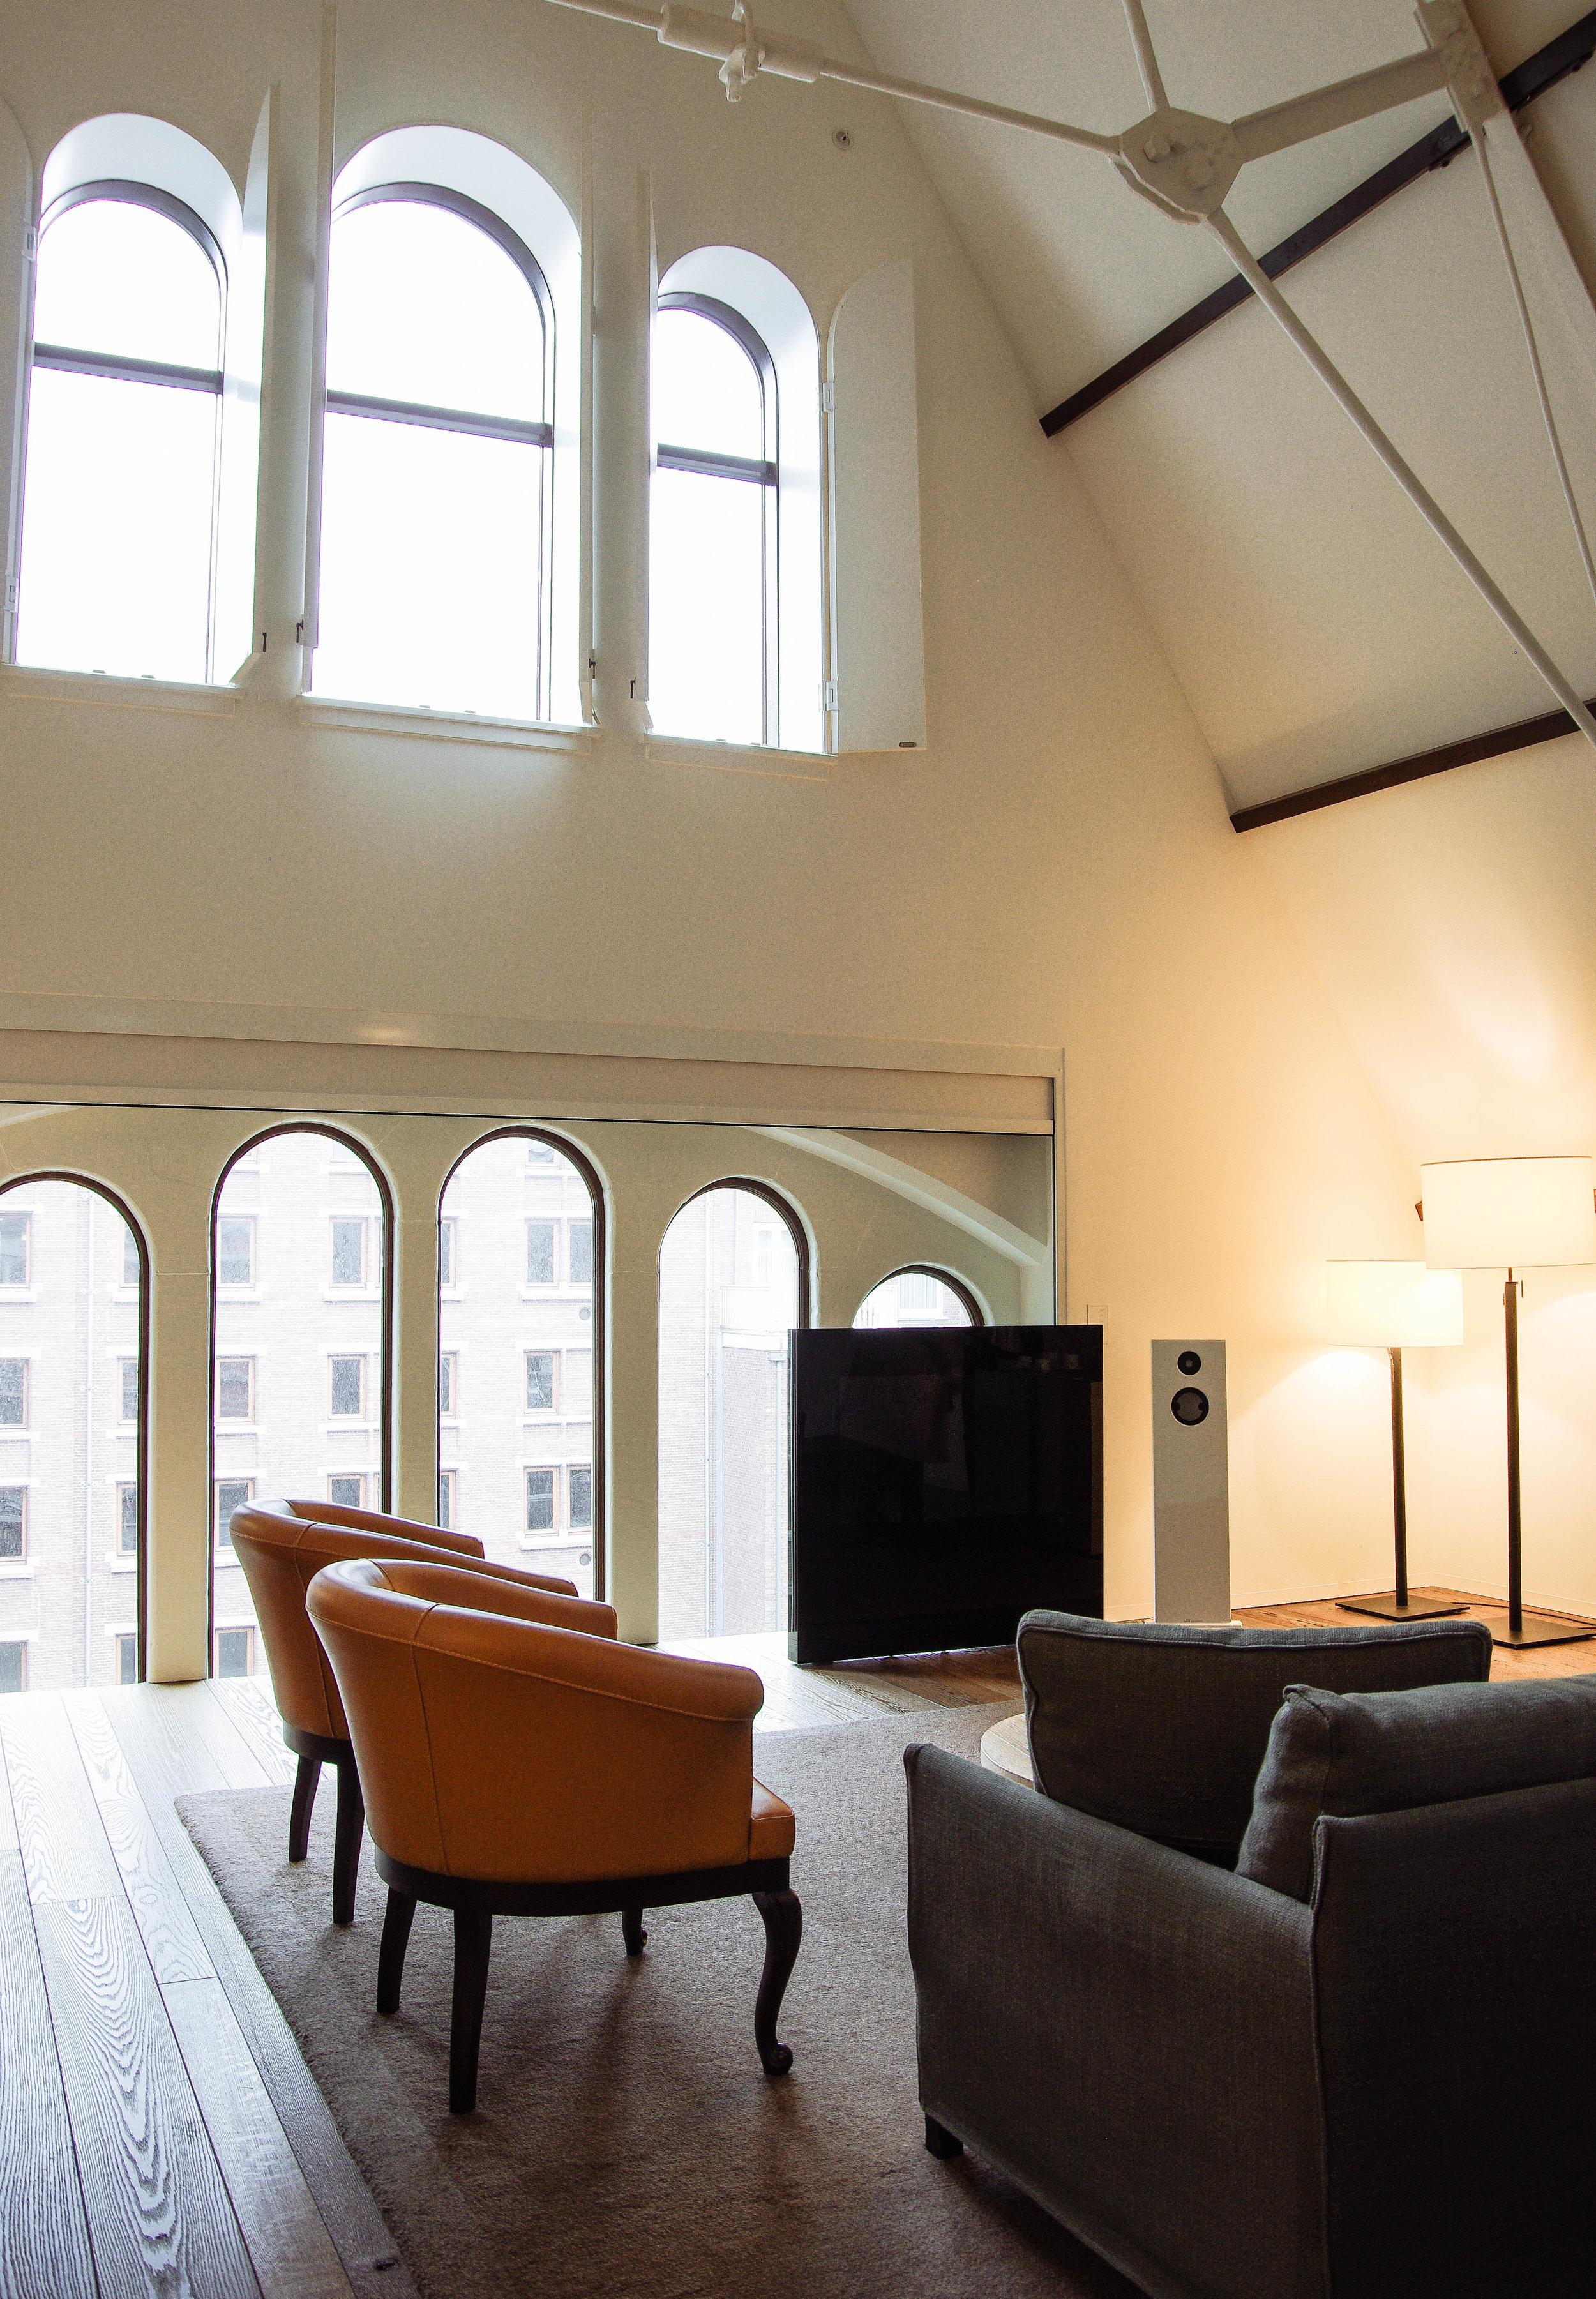 CONSERVATORIUM HOTEL AMSTERDAM - Room 3.jpg